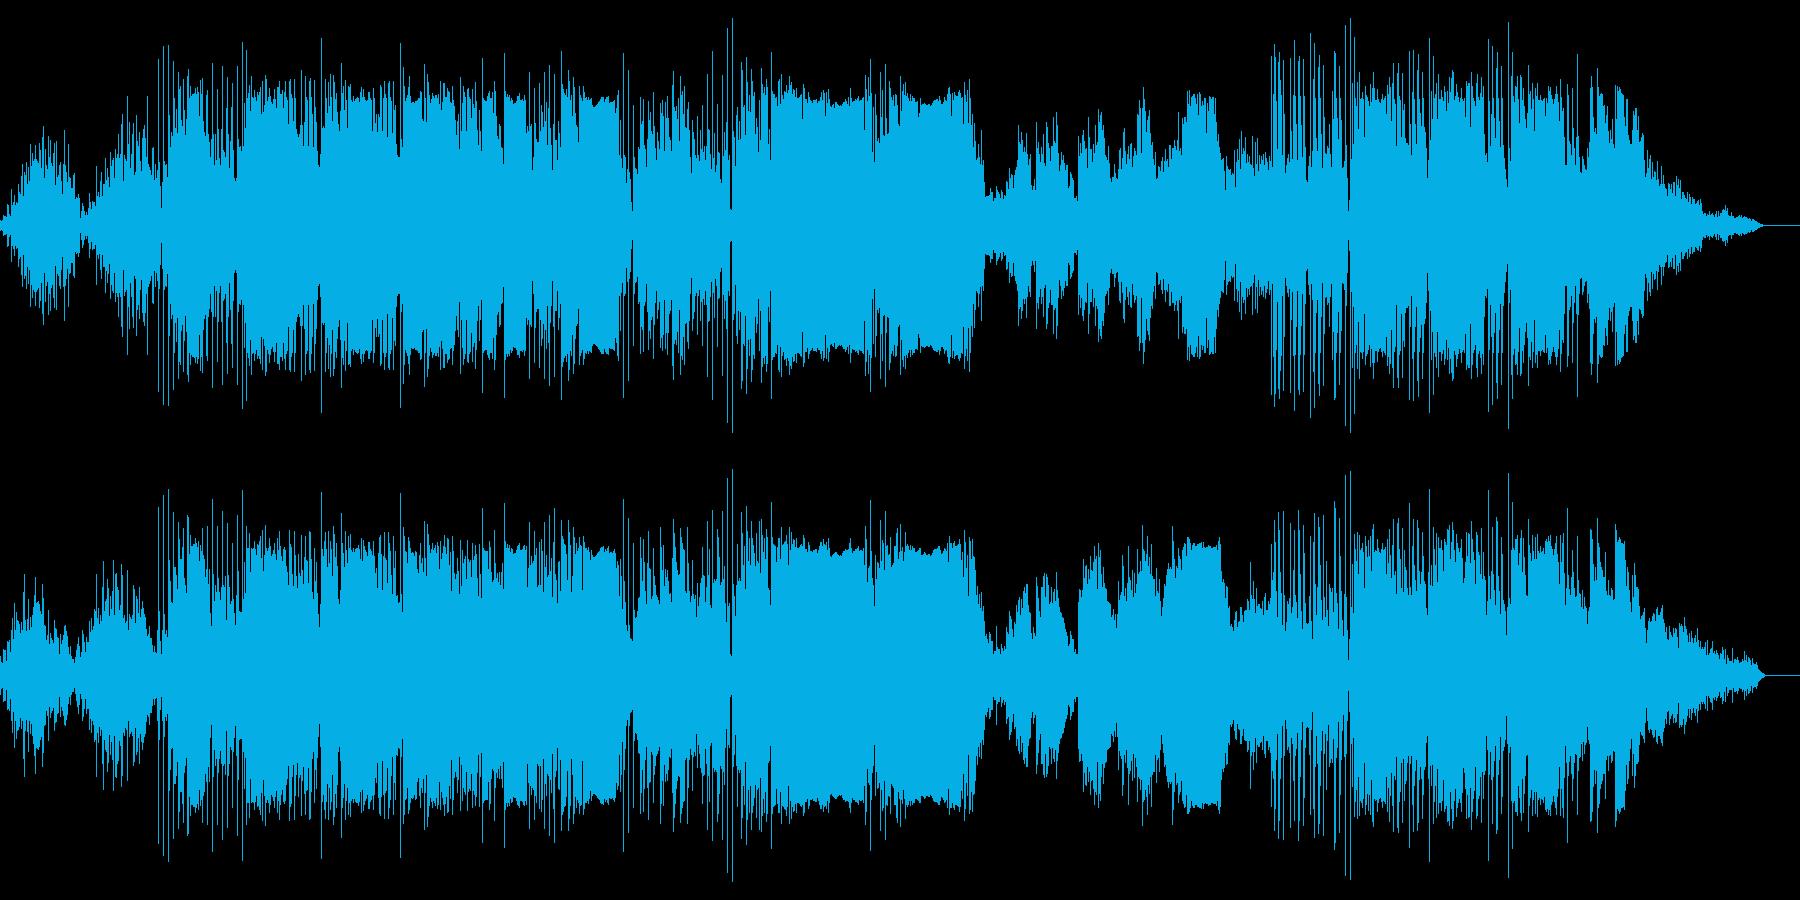 ピアノとエレクトリックの怪しい音世界の再生済みの波形